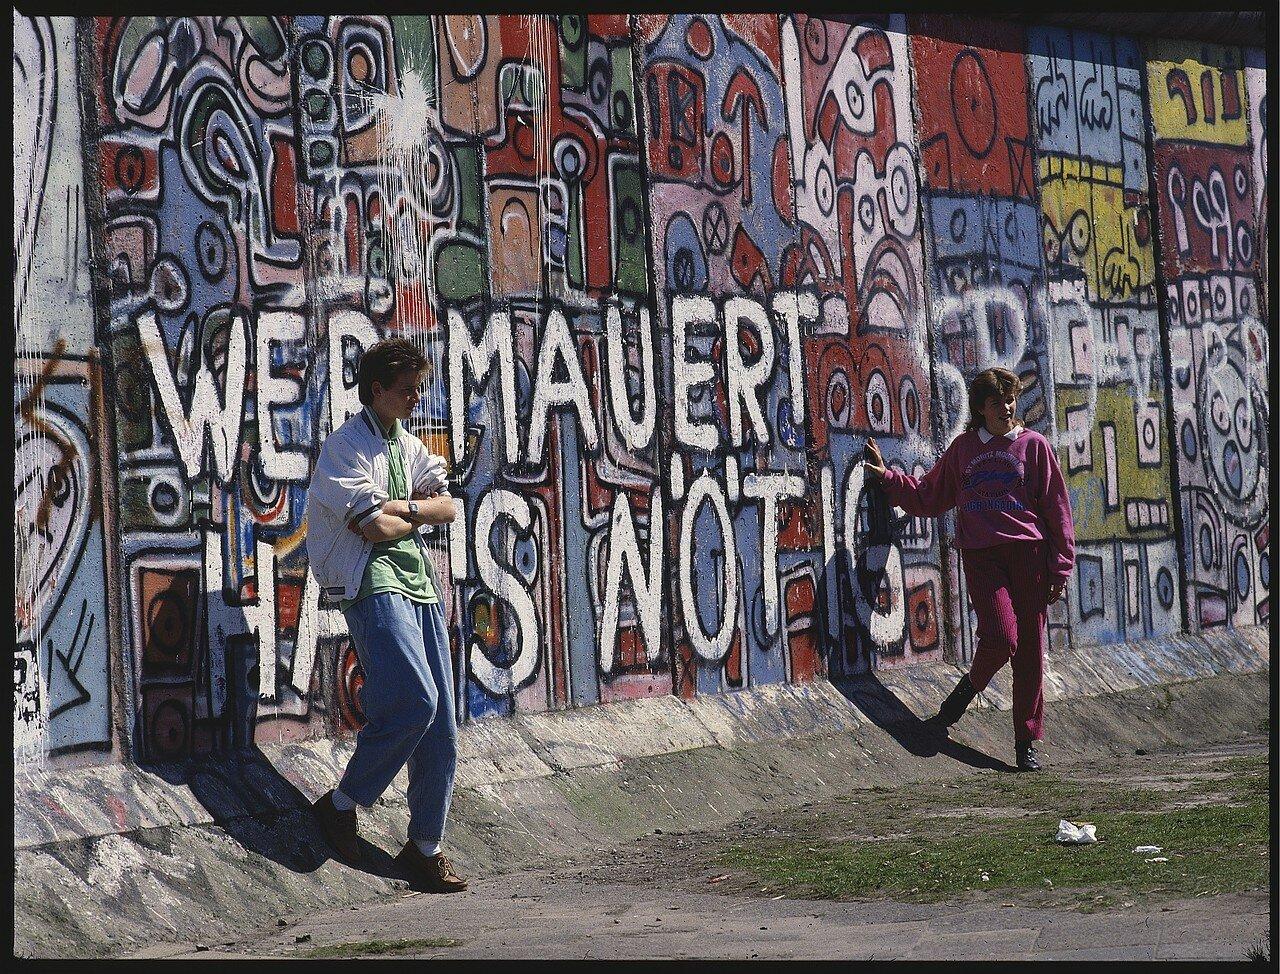 Западный Берлин. Потсдамская площадь. Подростки позируют возле раскрашенной стены